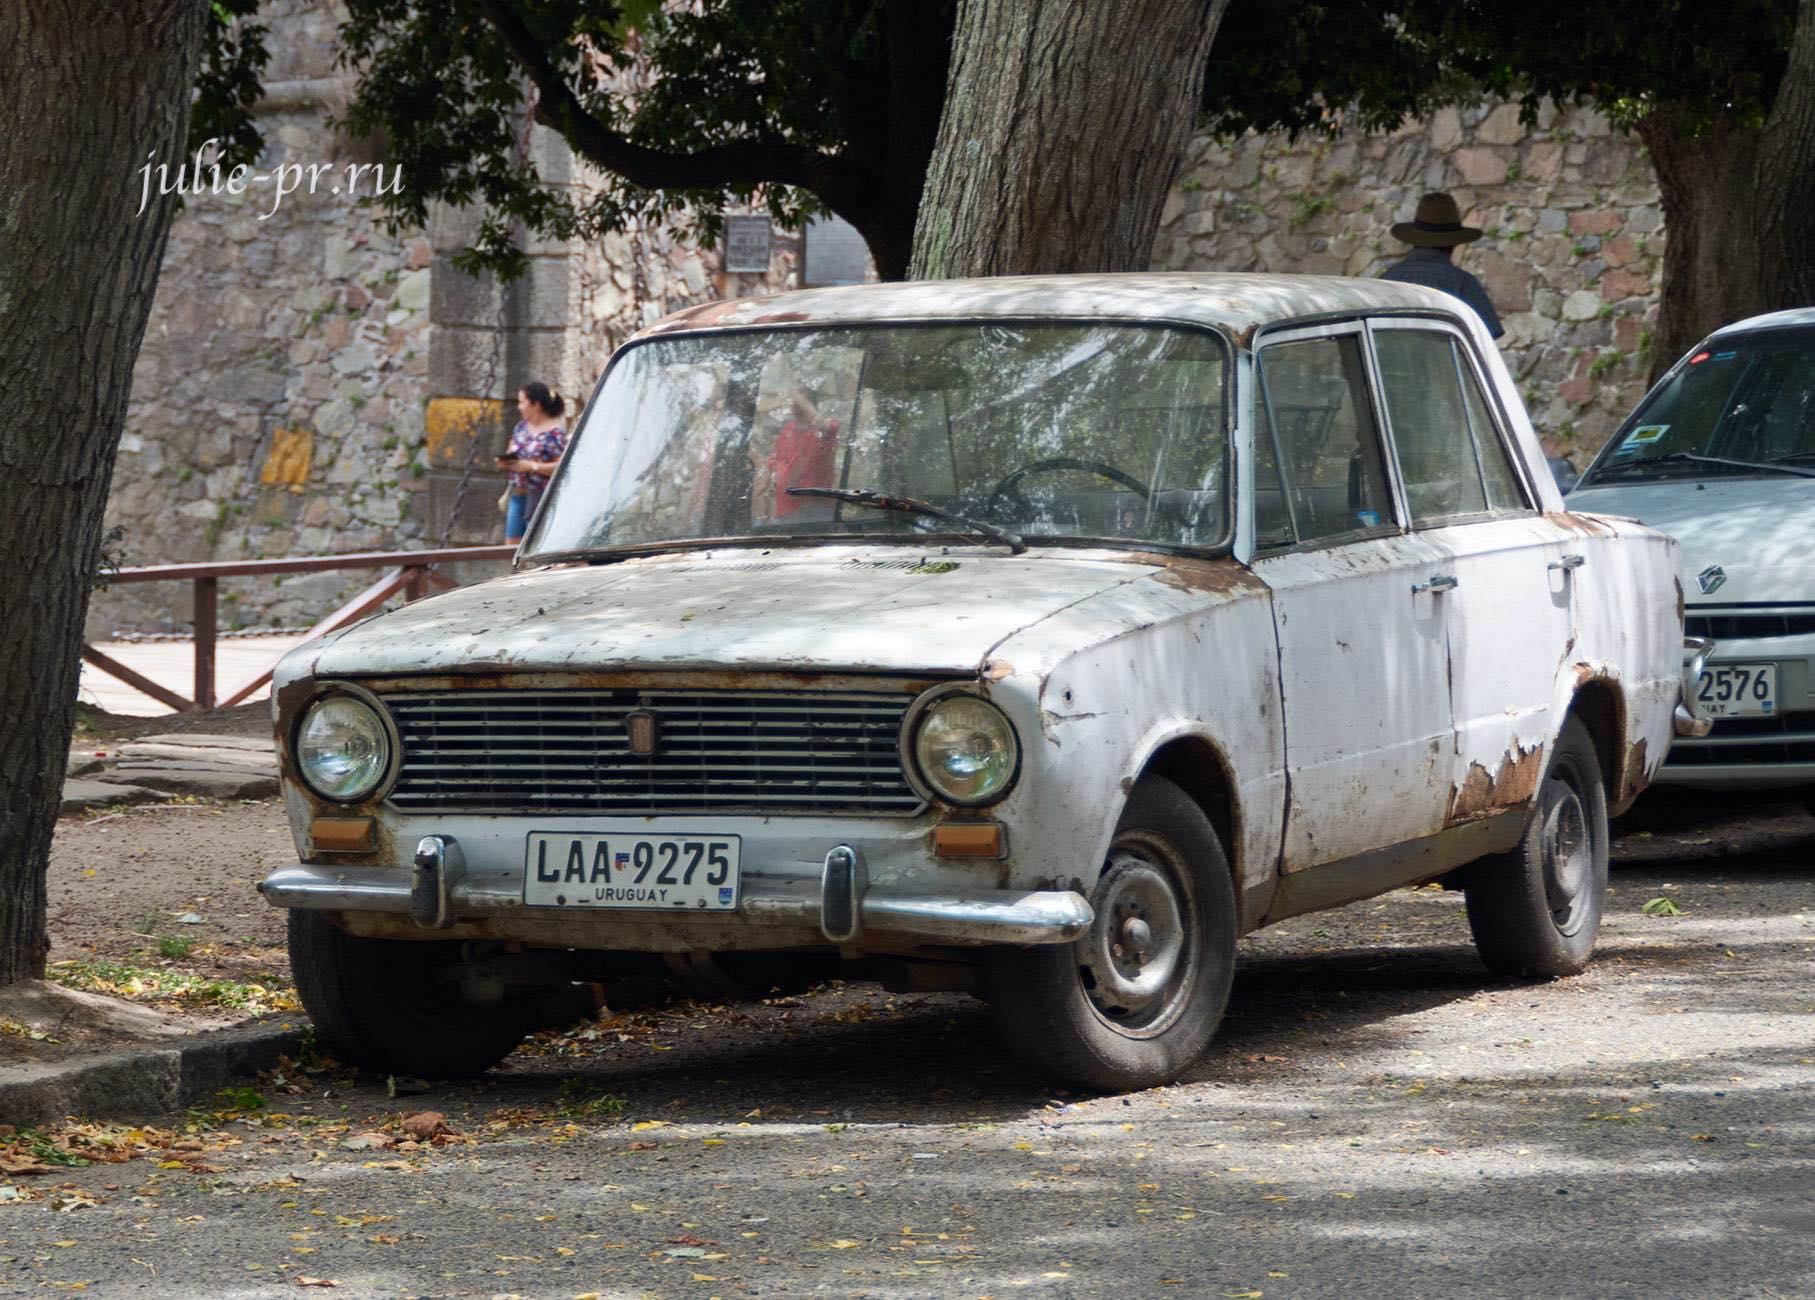 Уругвай, Колония-дель-Сакраменто, Fiat-124